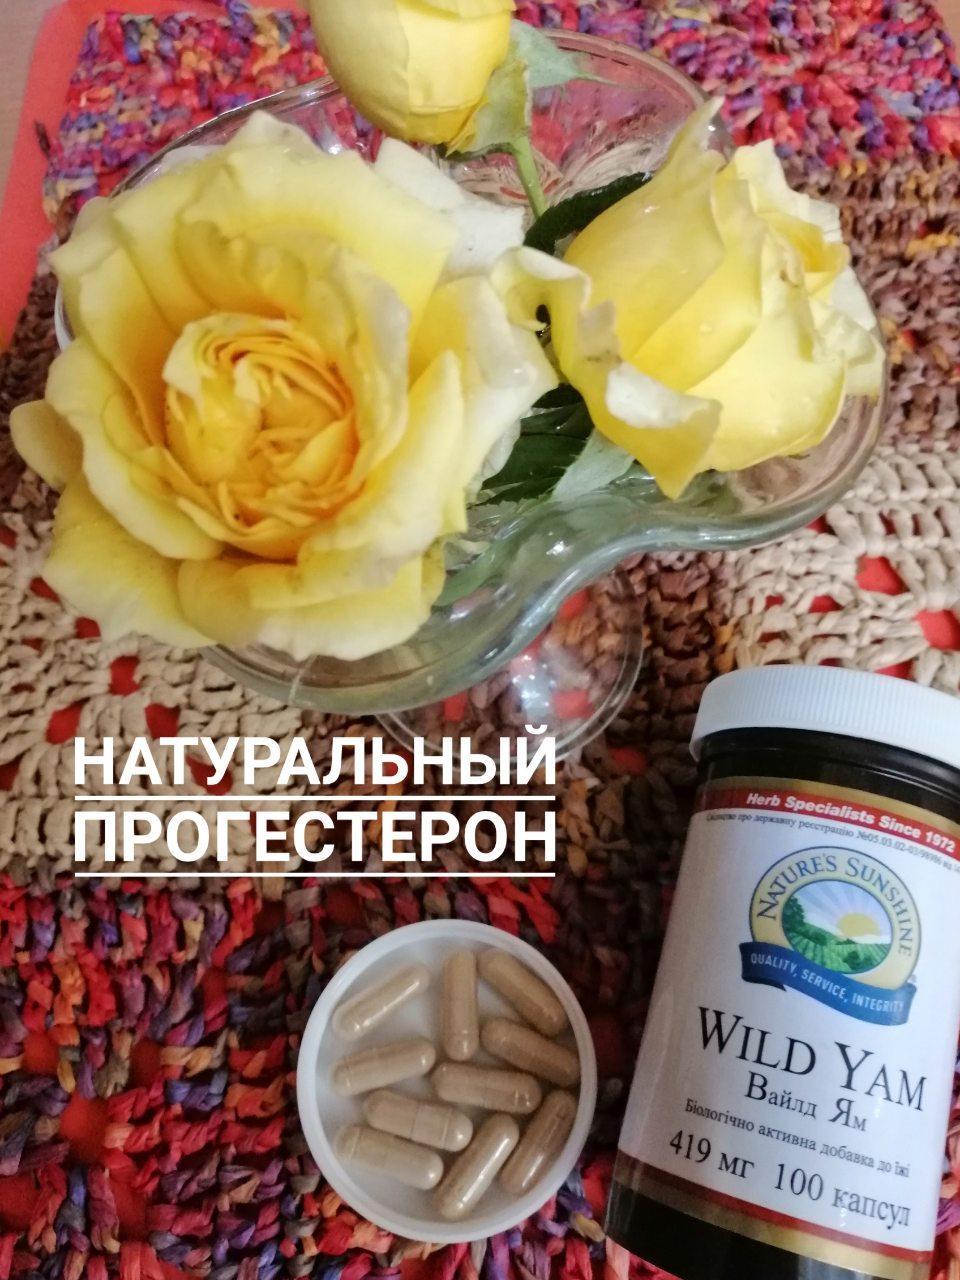 Роль прогестерона в здоровье женщины. Дикий Ямс БАД НСП - натуральный прогестерон.